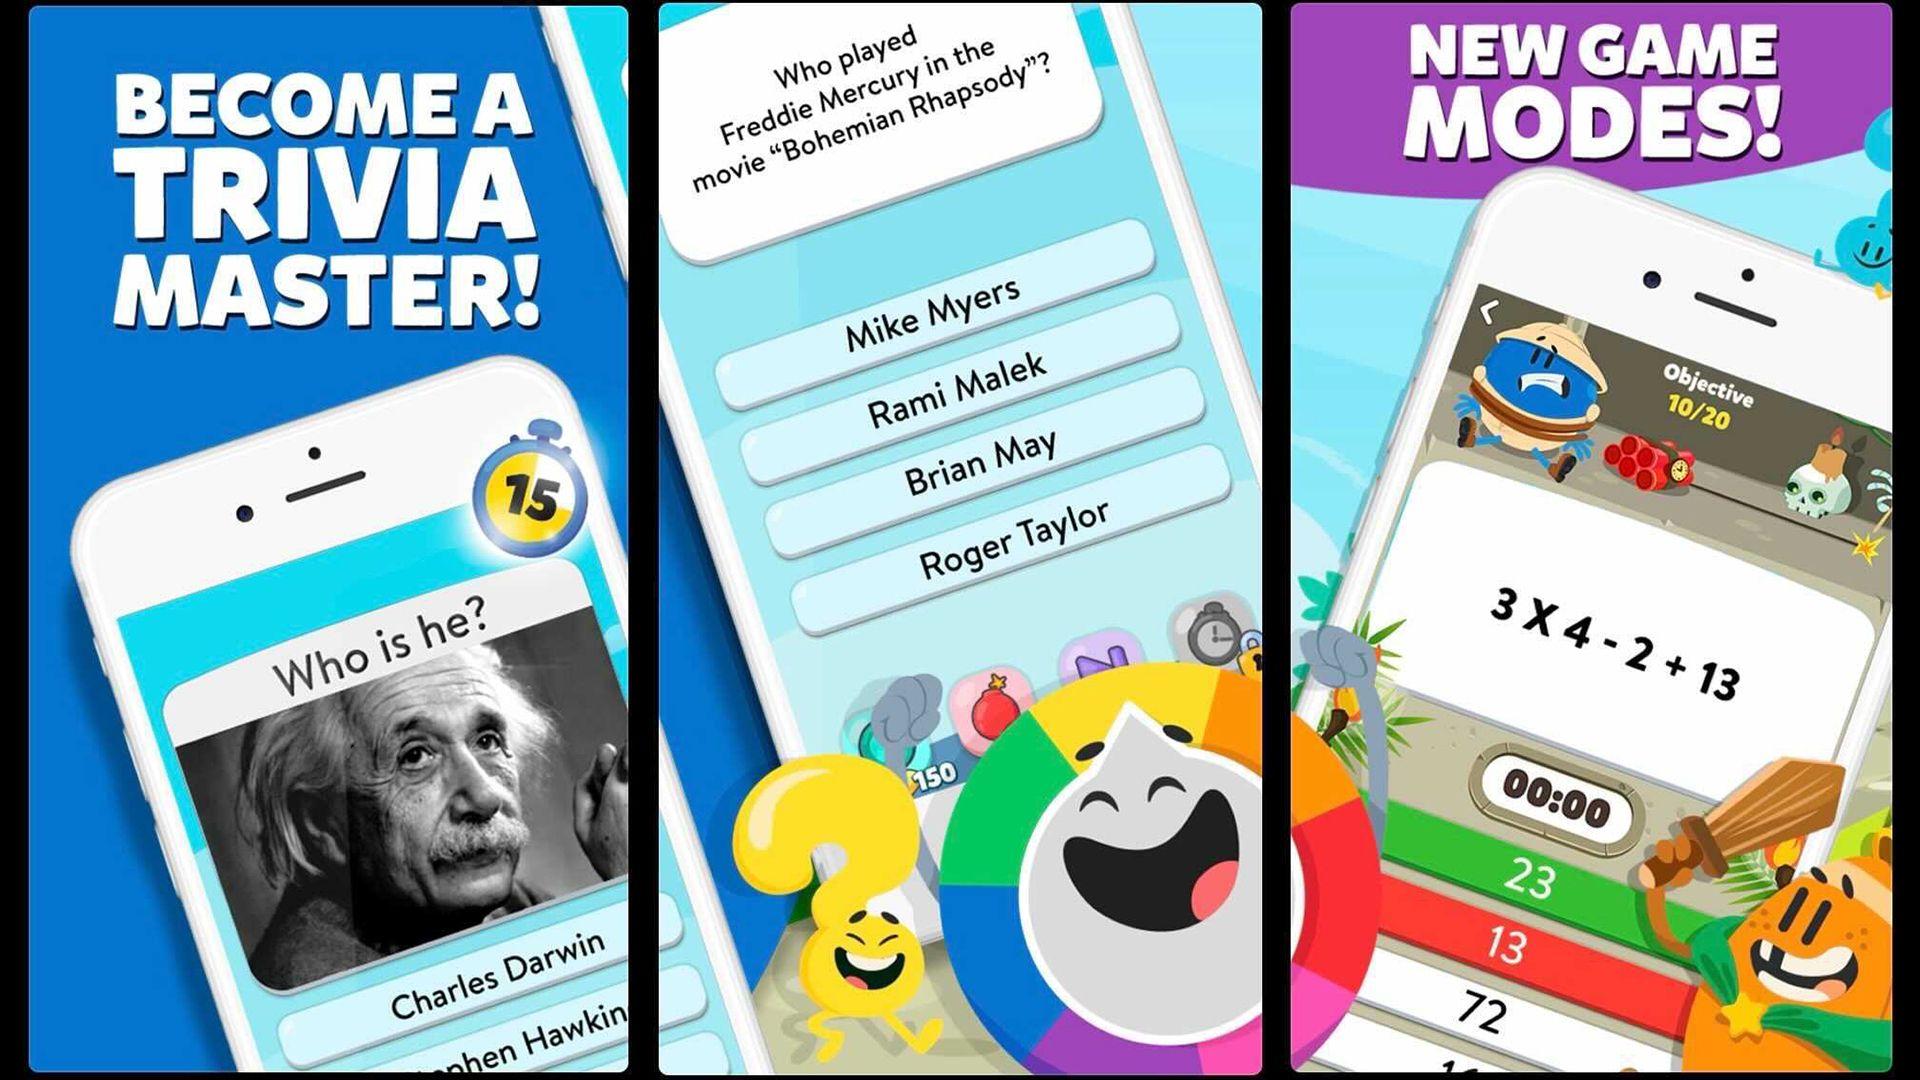 Trivia Crack 2 tiene más opciones de juego basadas en cuestionarios para cuando estás aburrido de la versión clásica.